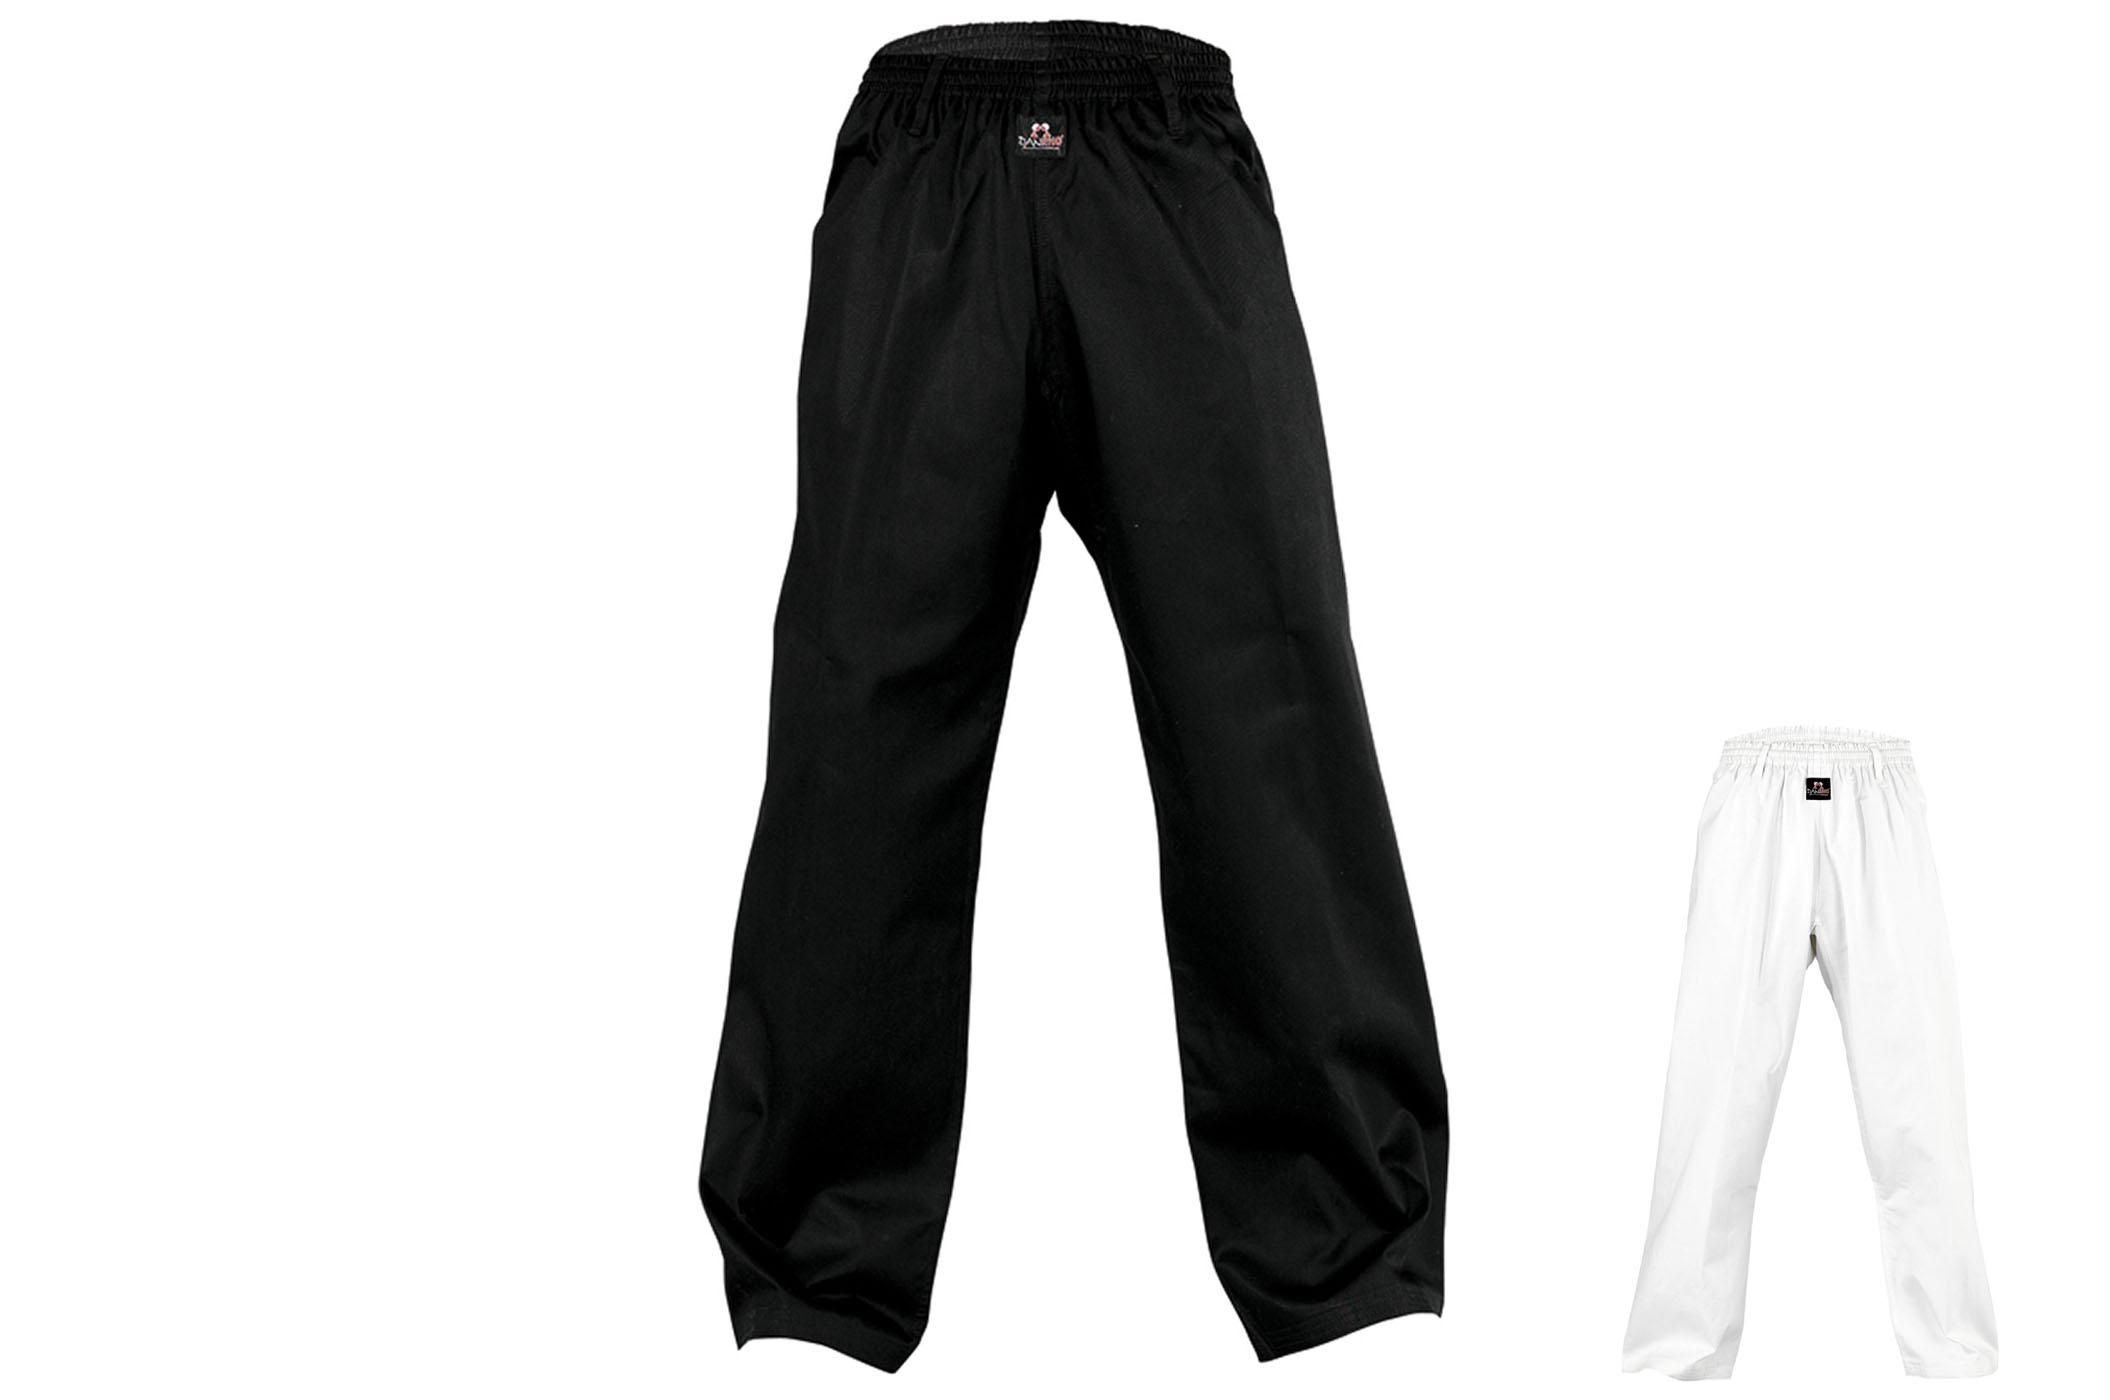 Pantalon Kick Boxing à Bandes, Danrho DragonSports.eu